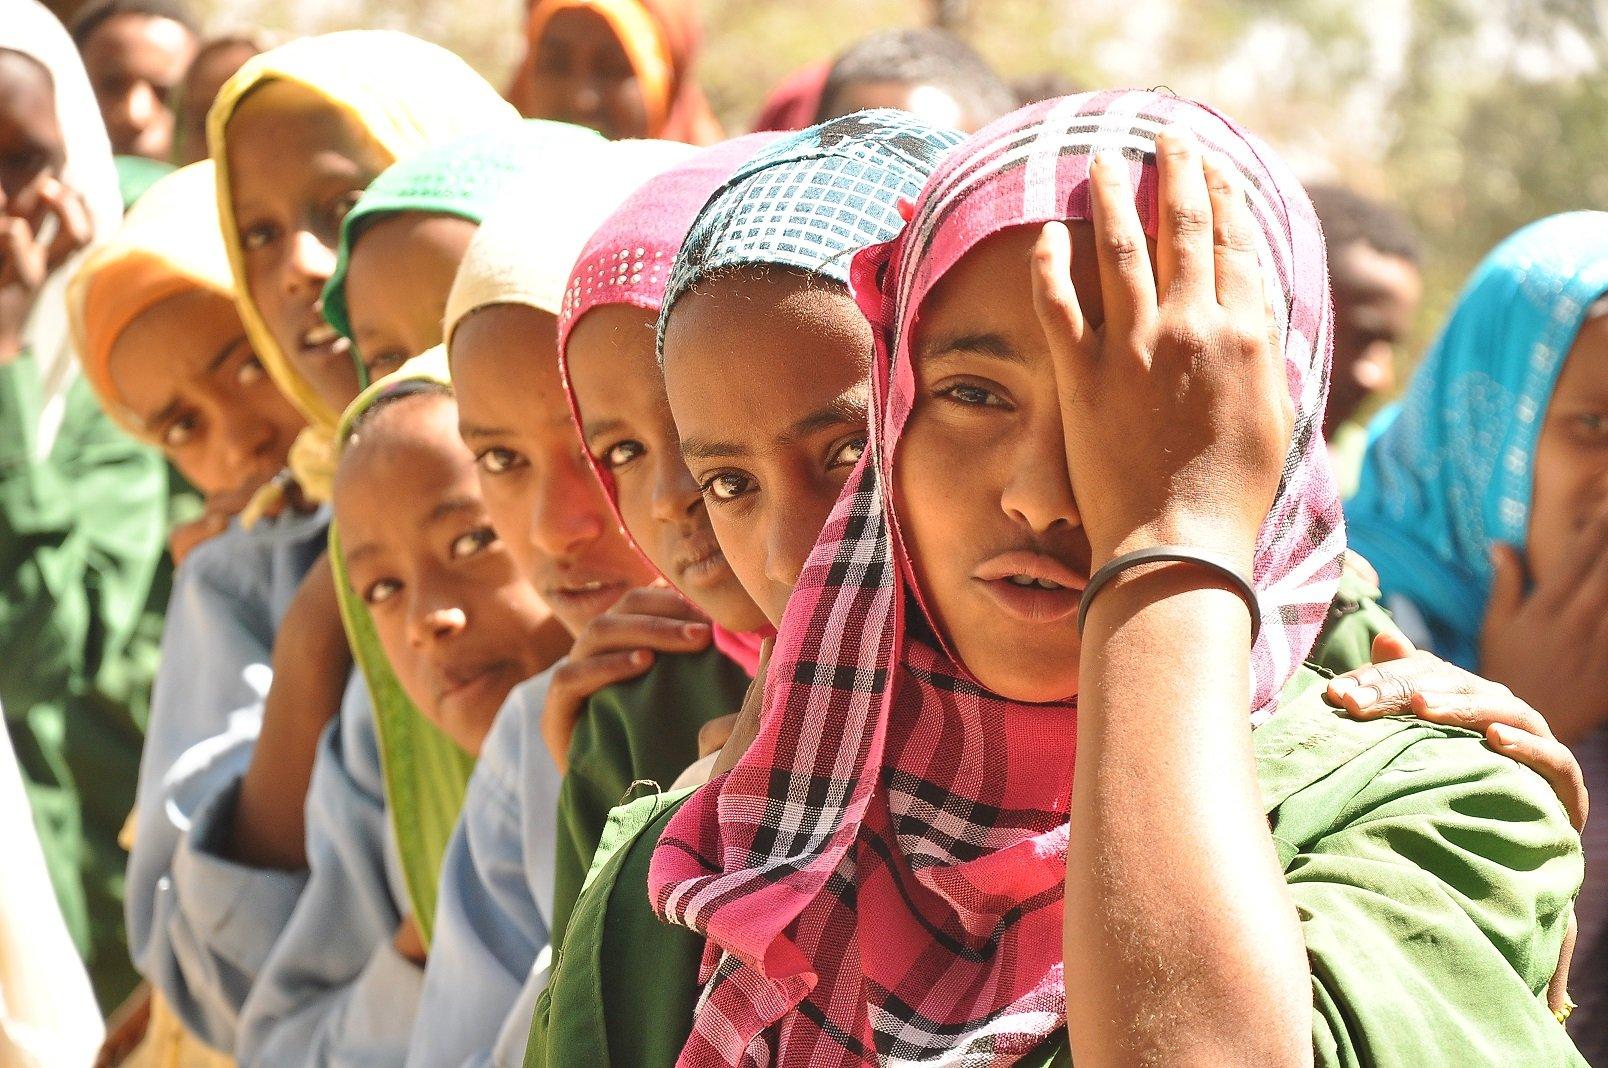 Vision Screening in Ethiopia